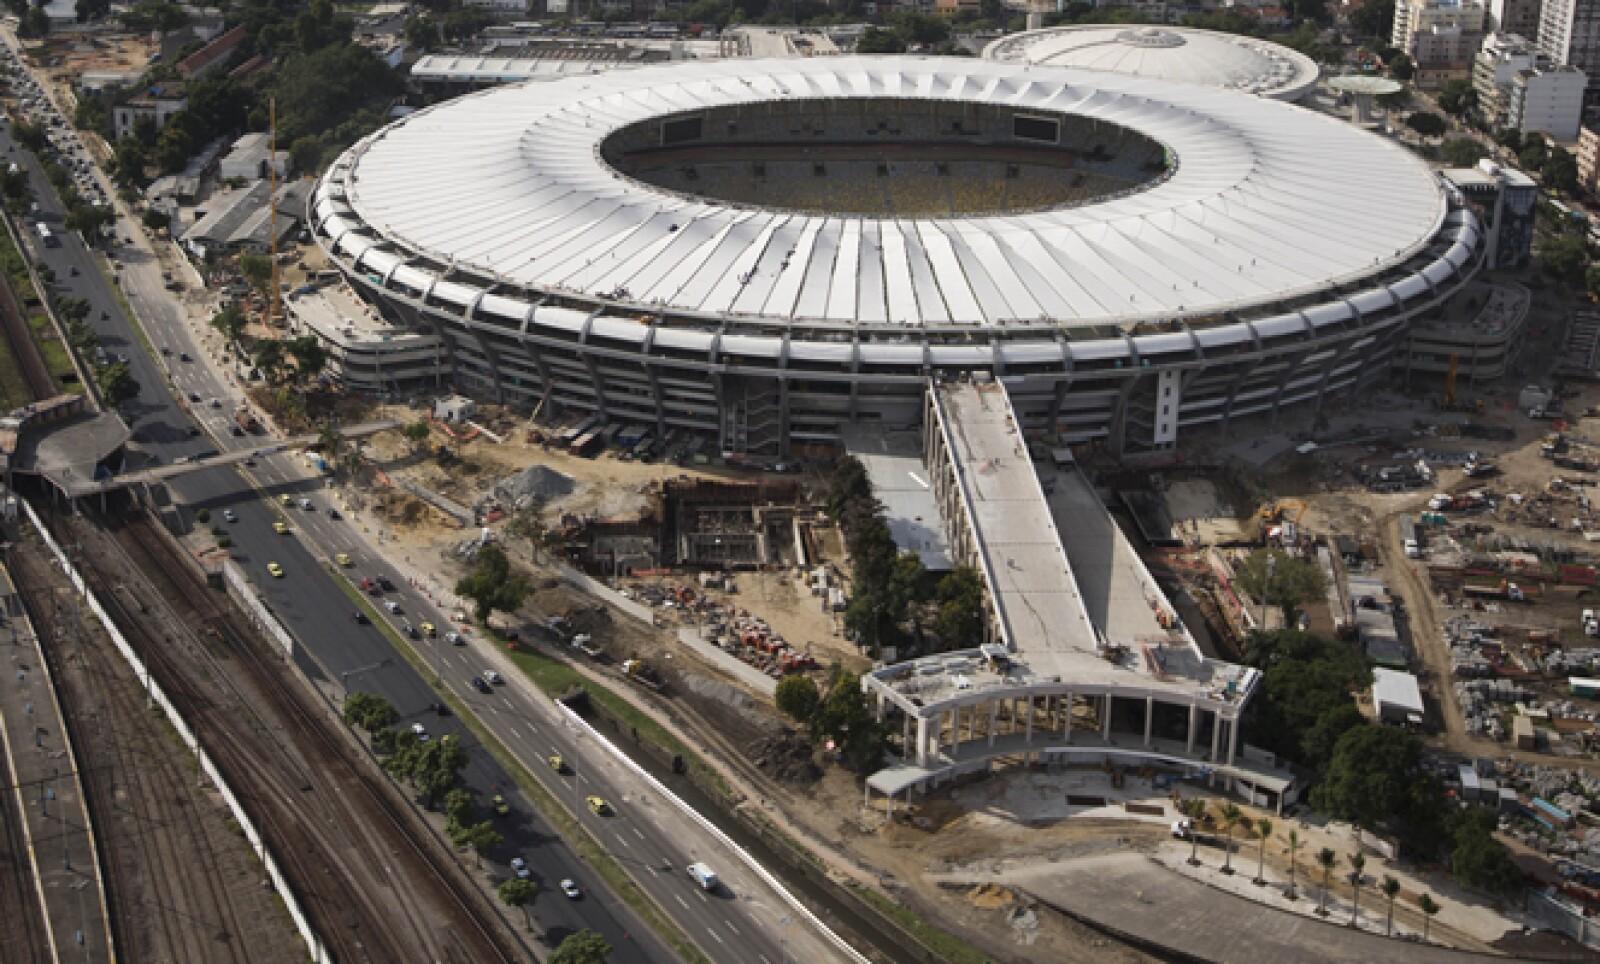 Trabajadores continúan dando los retoques finales al Maracaná, donde se disputará la final de la Copa de las Confederaciones el 30 de junio.